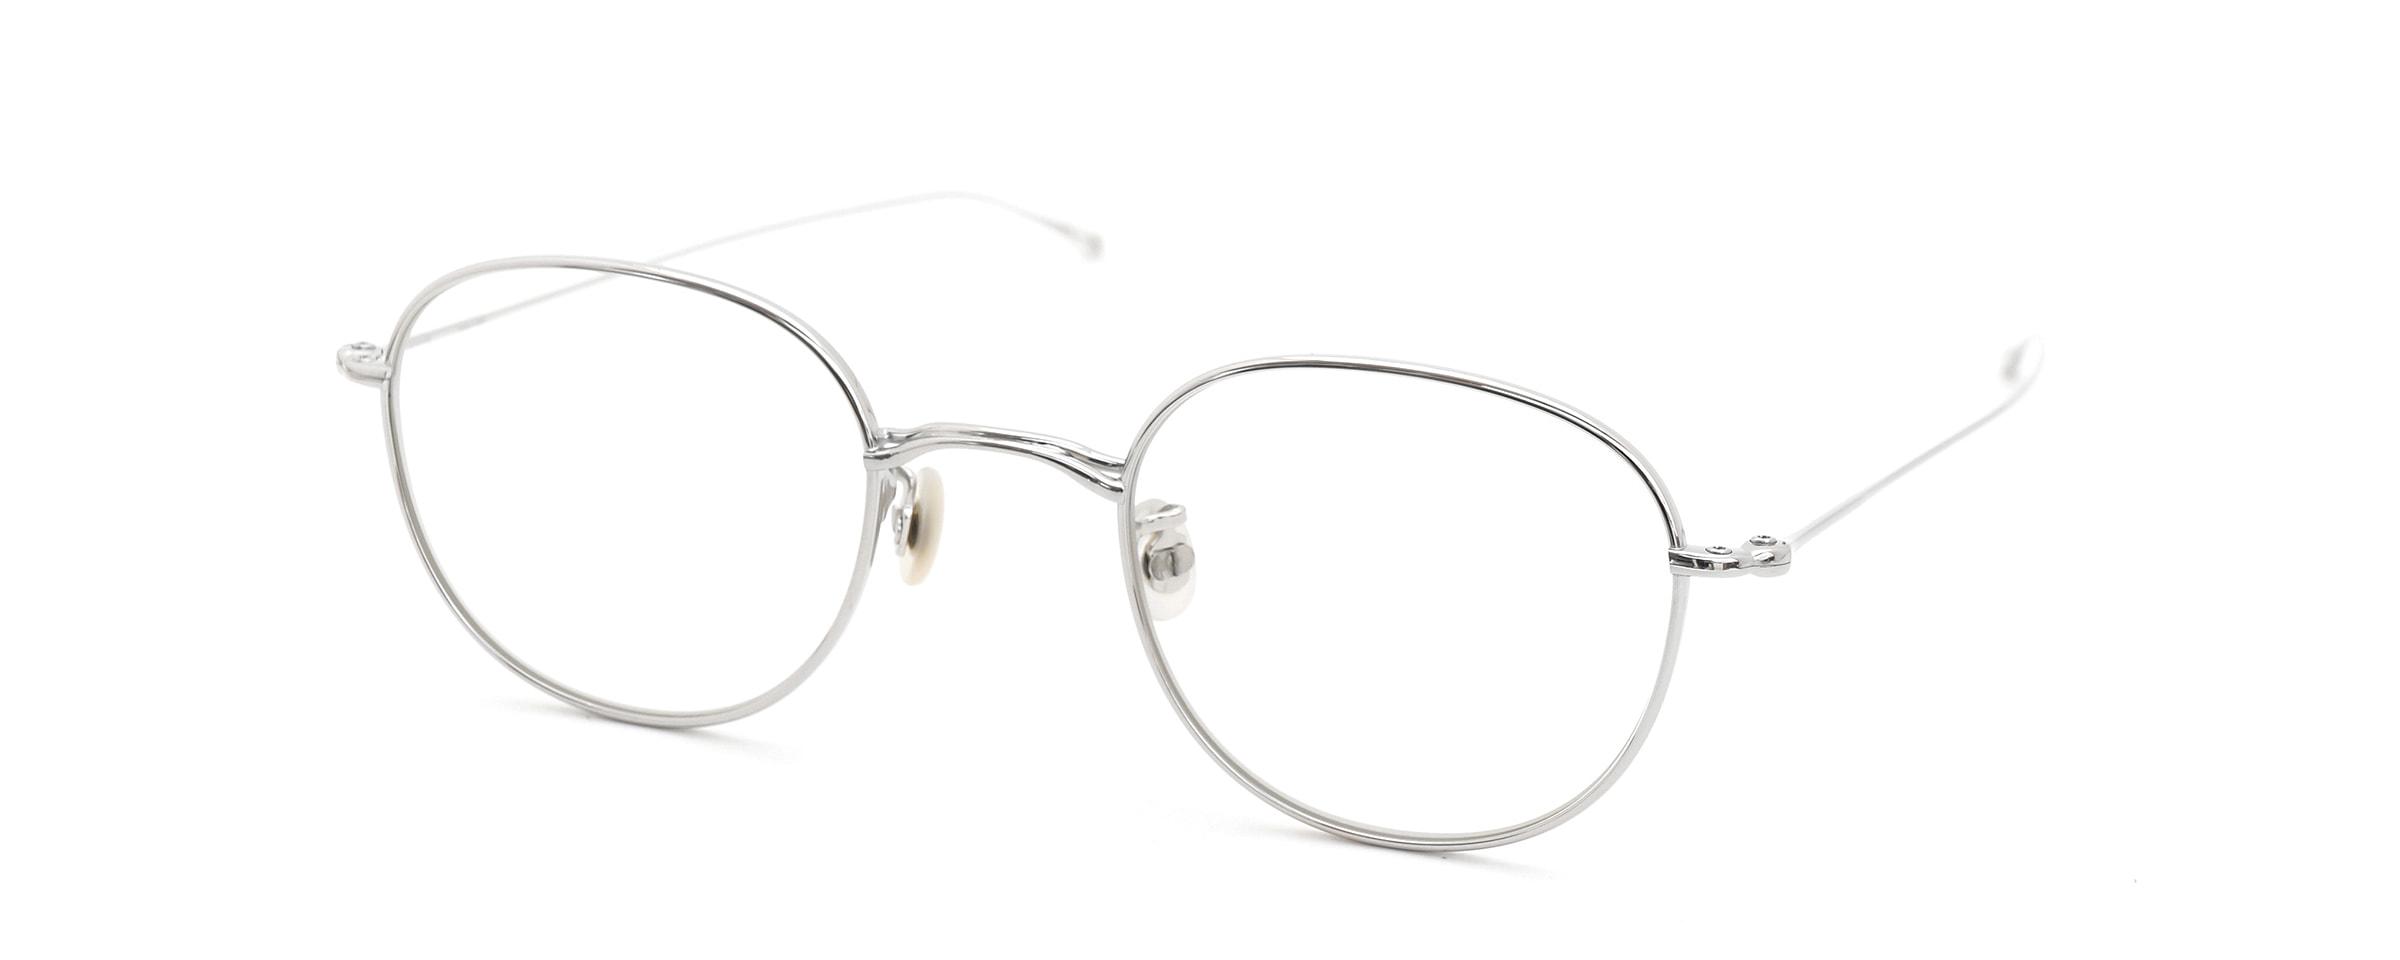 10 eyevan NO.1